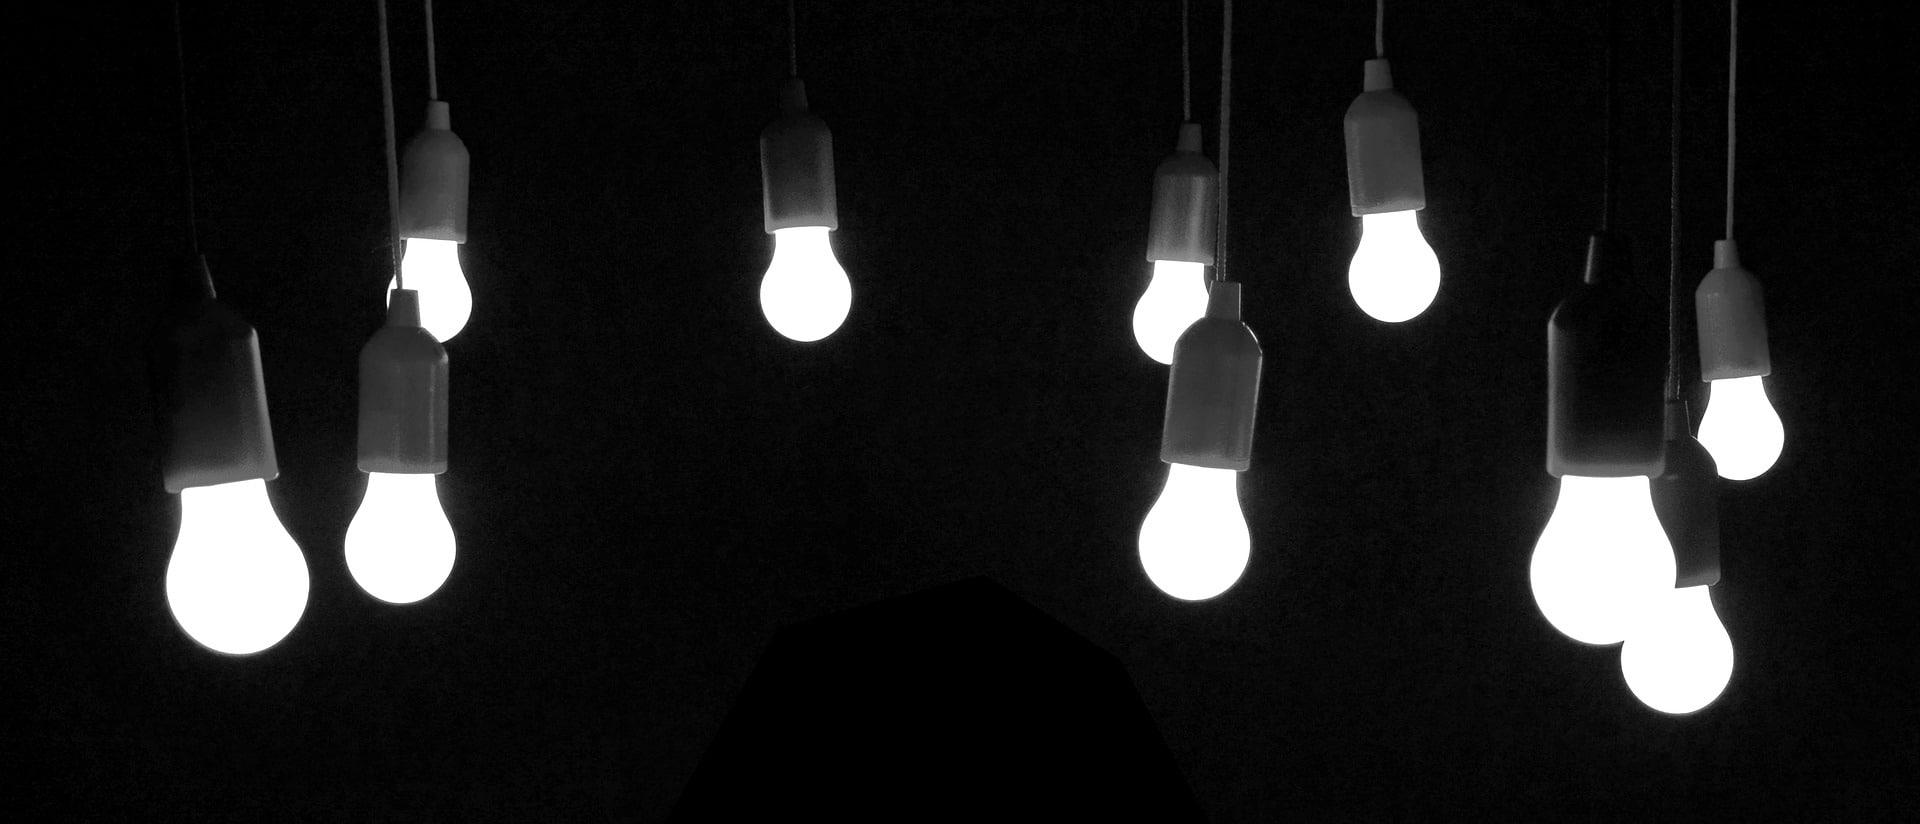 Qu'est ce un être de lumière?